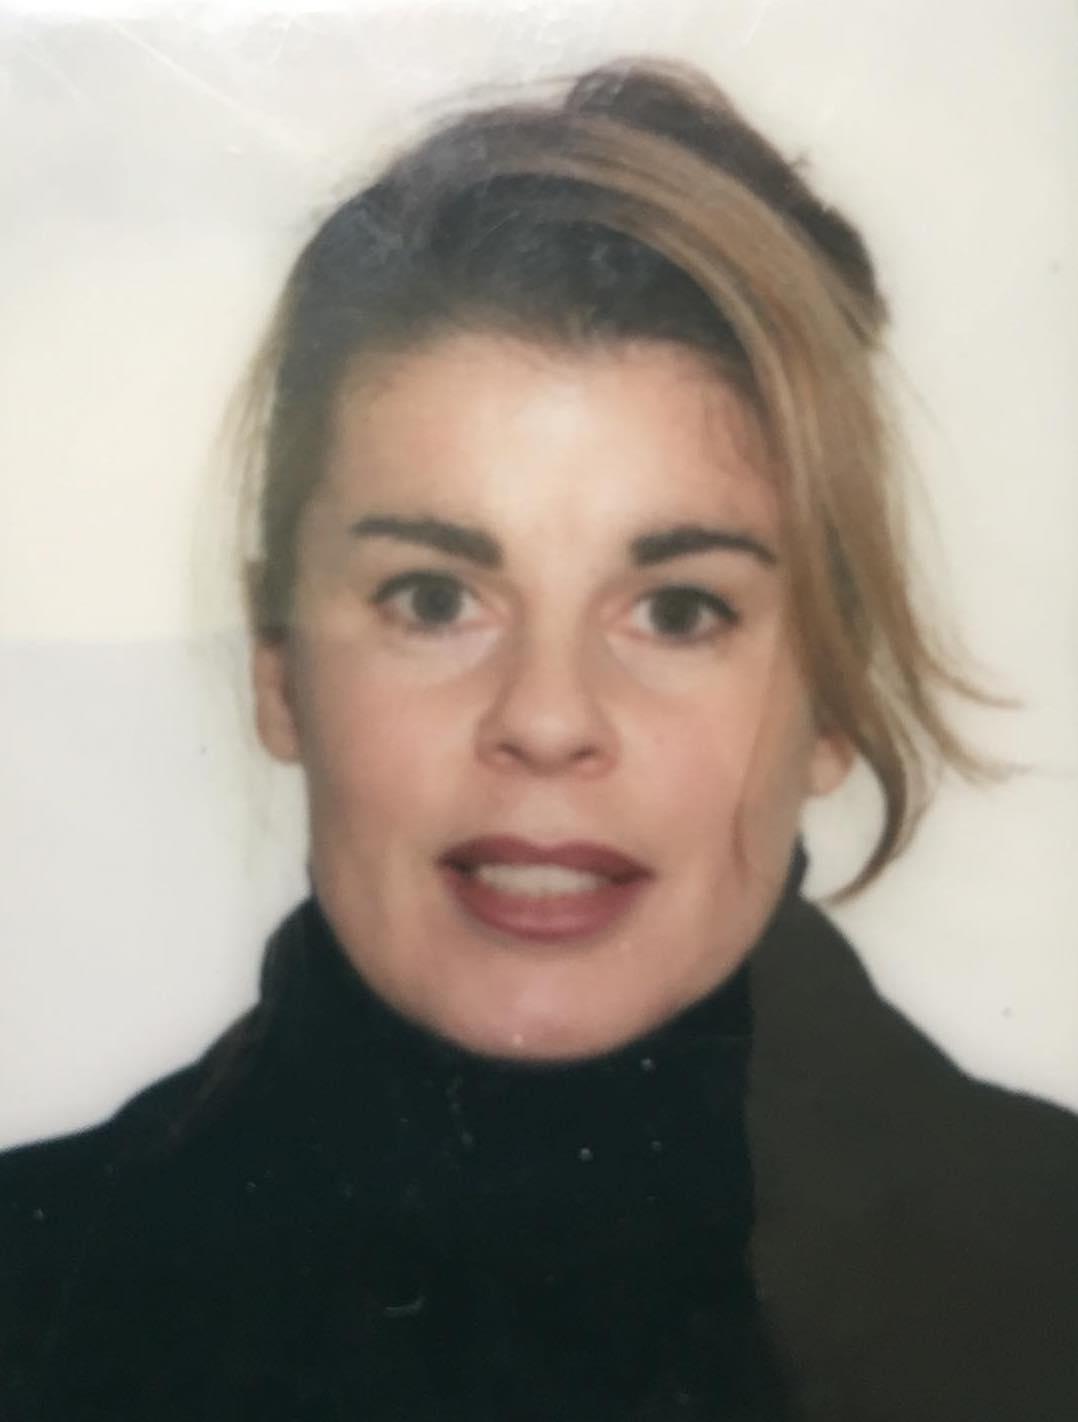 FCCA Executive Rose Capp